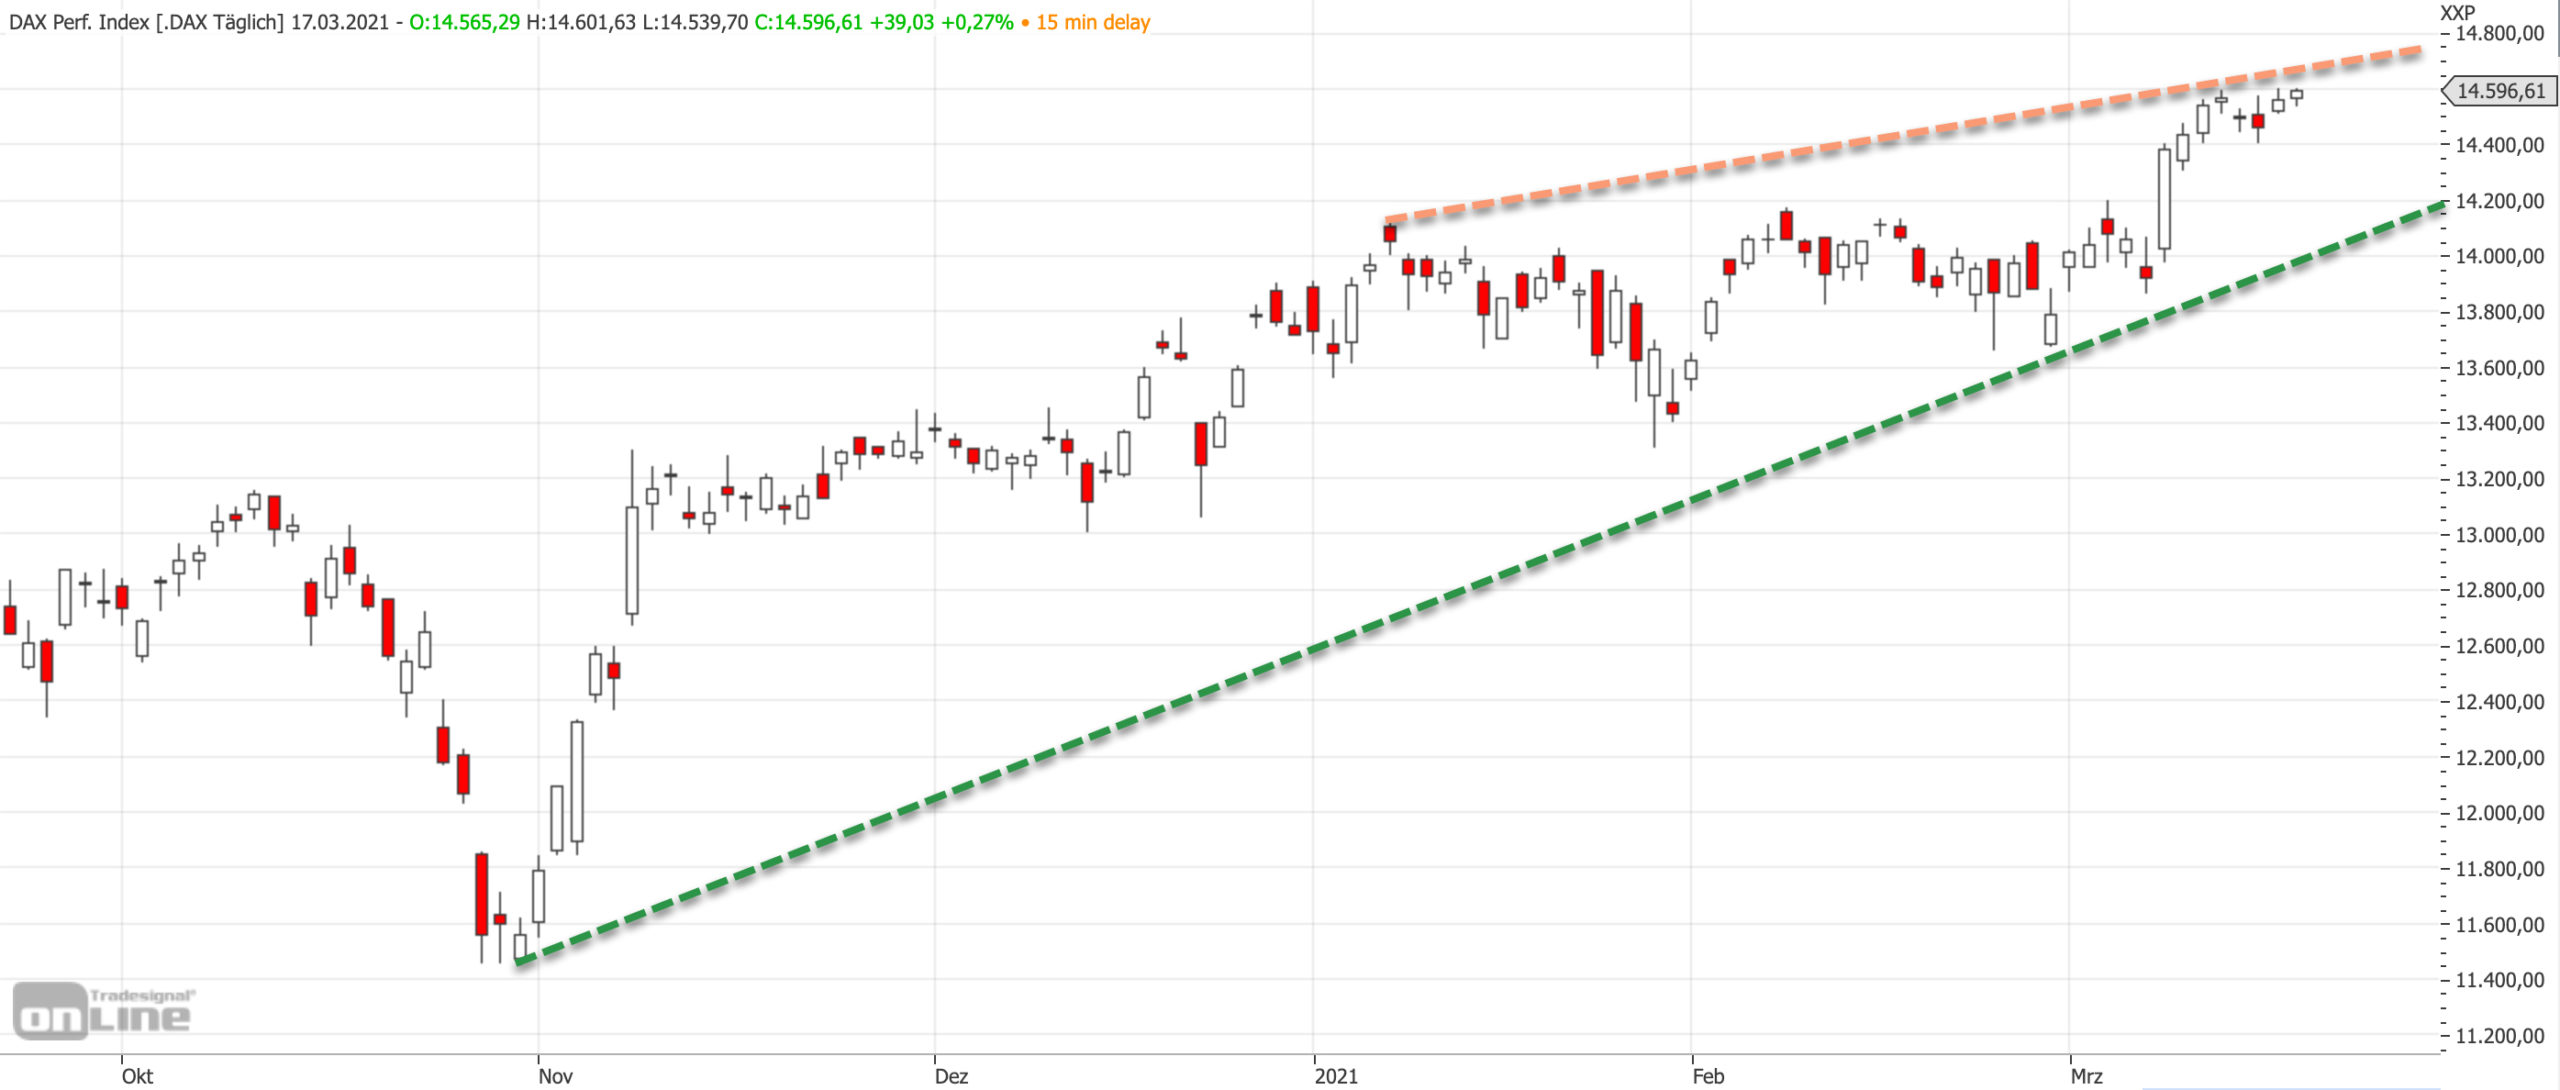 Mittelfristiger DAX-Chart im DAX aufwärtsgerichtet